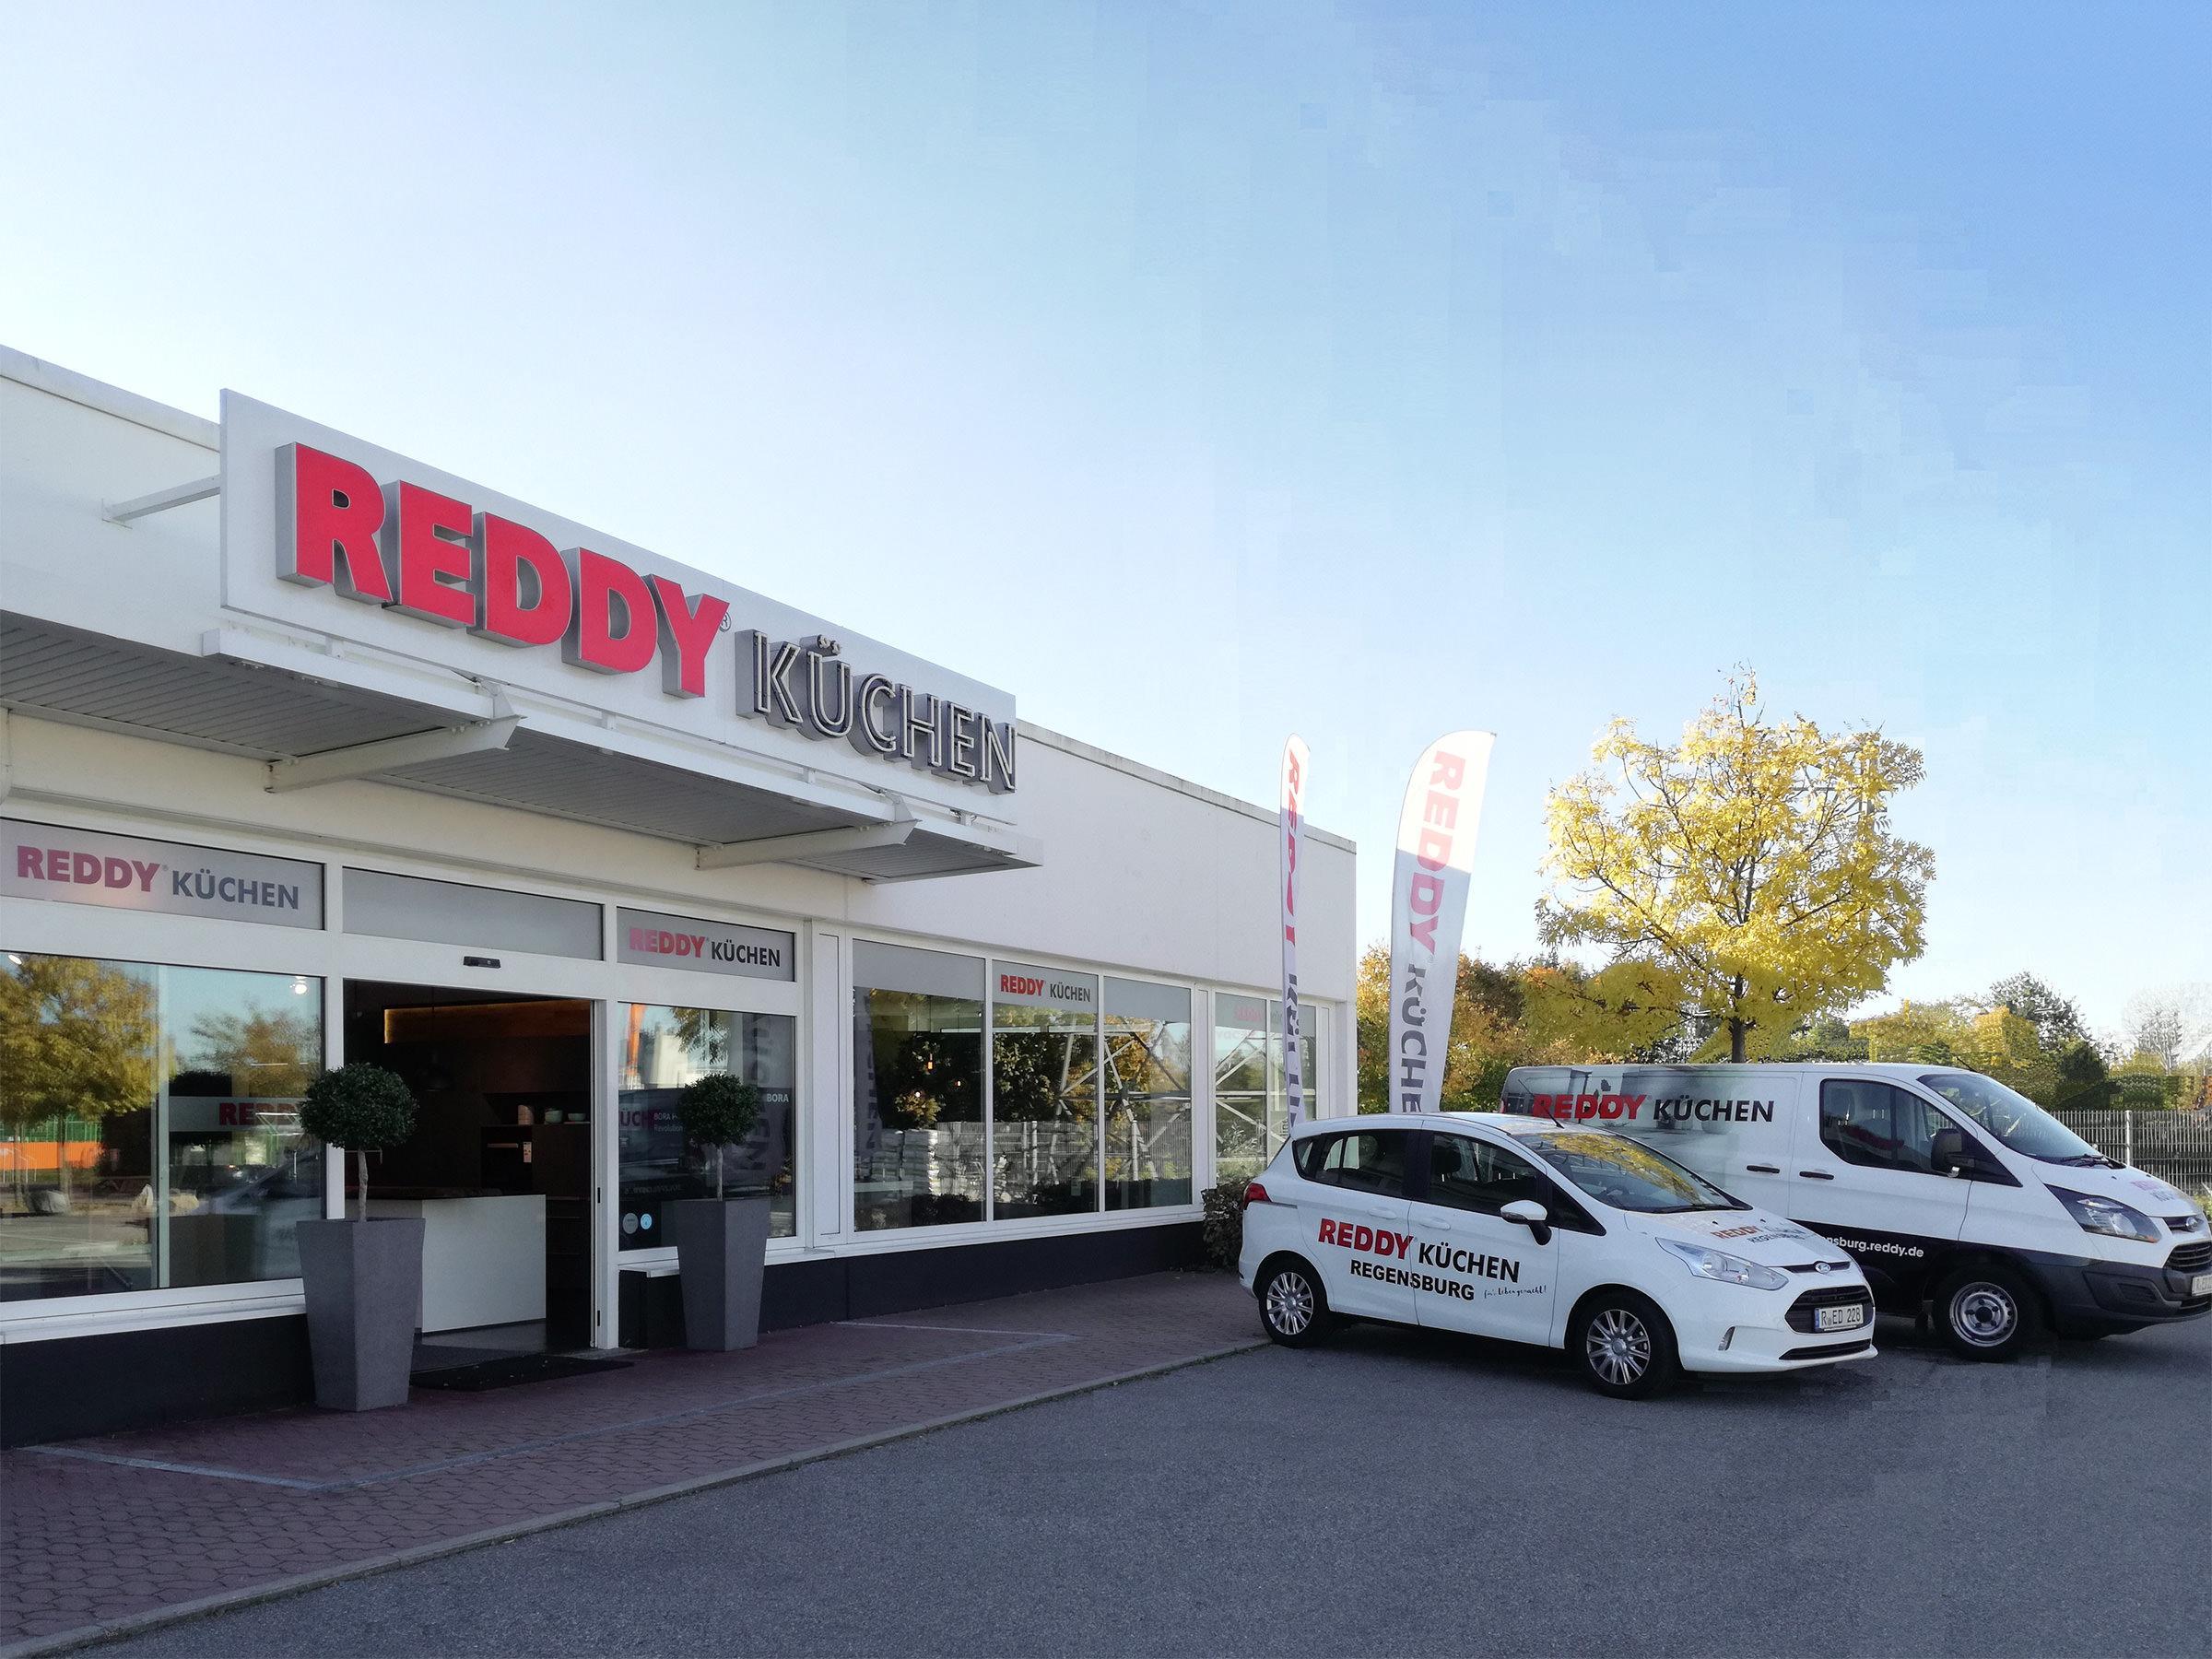 reddy küchen regensburg: tolle küchen & top-service - Küche Reddy